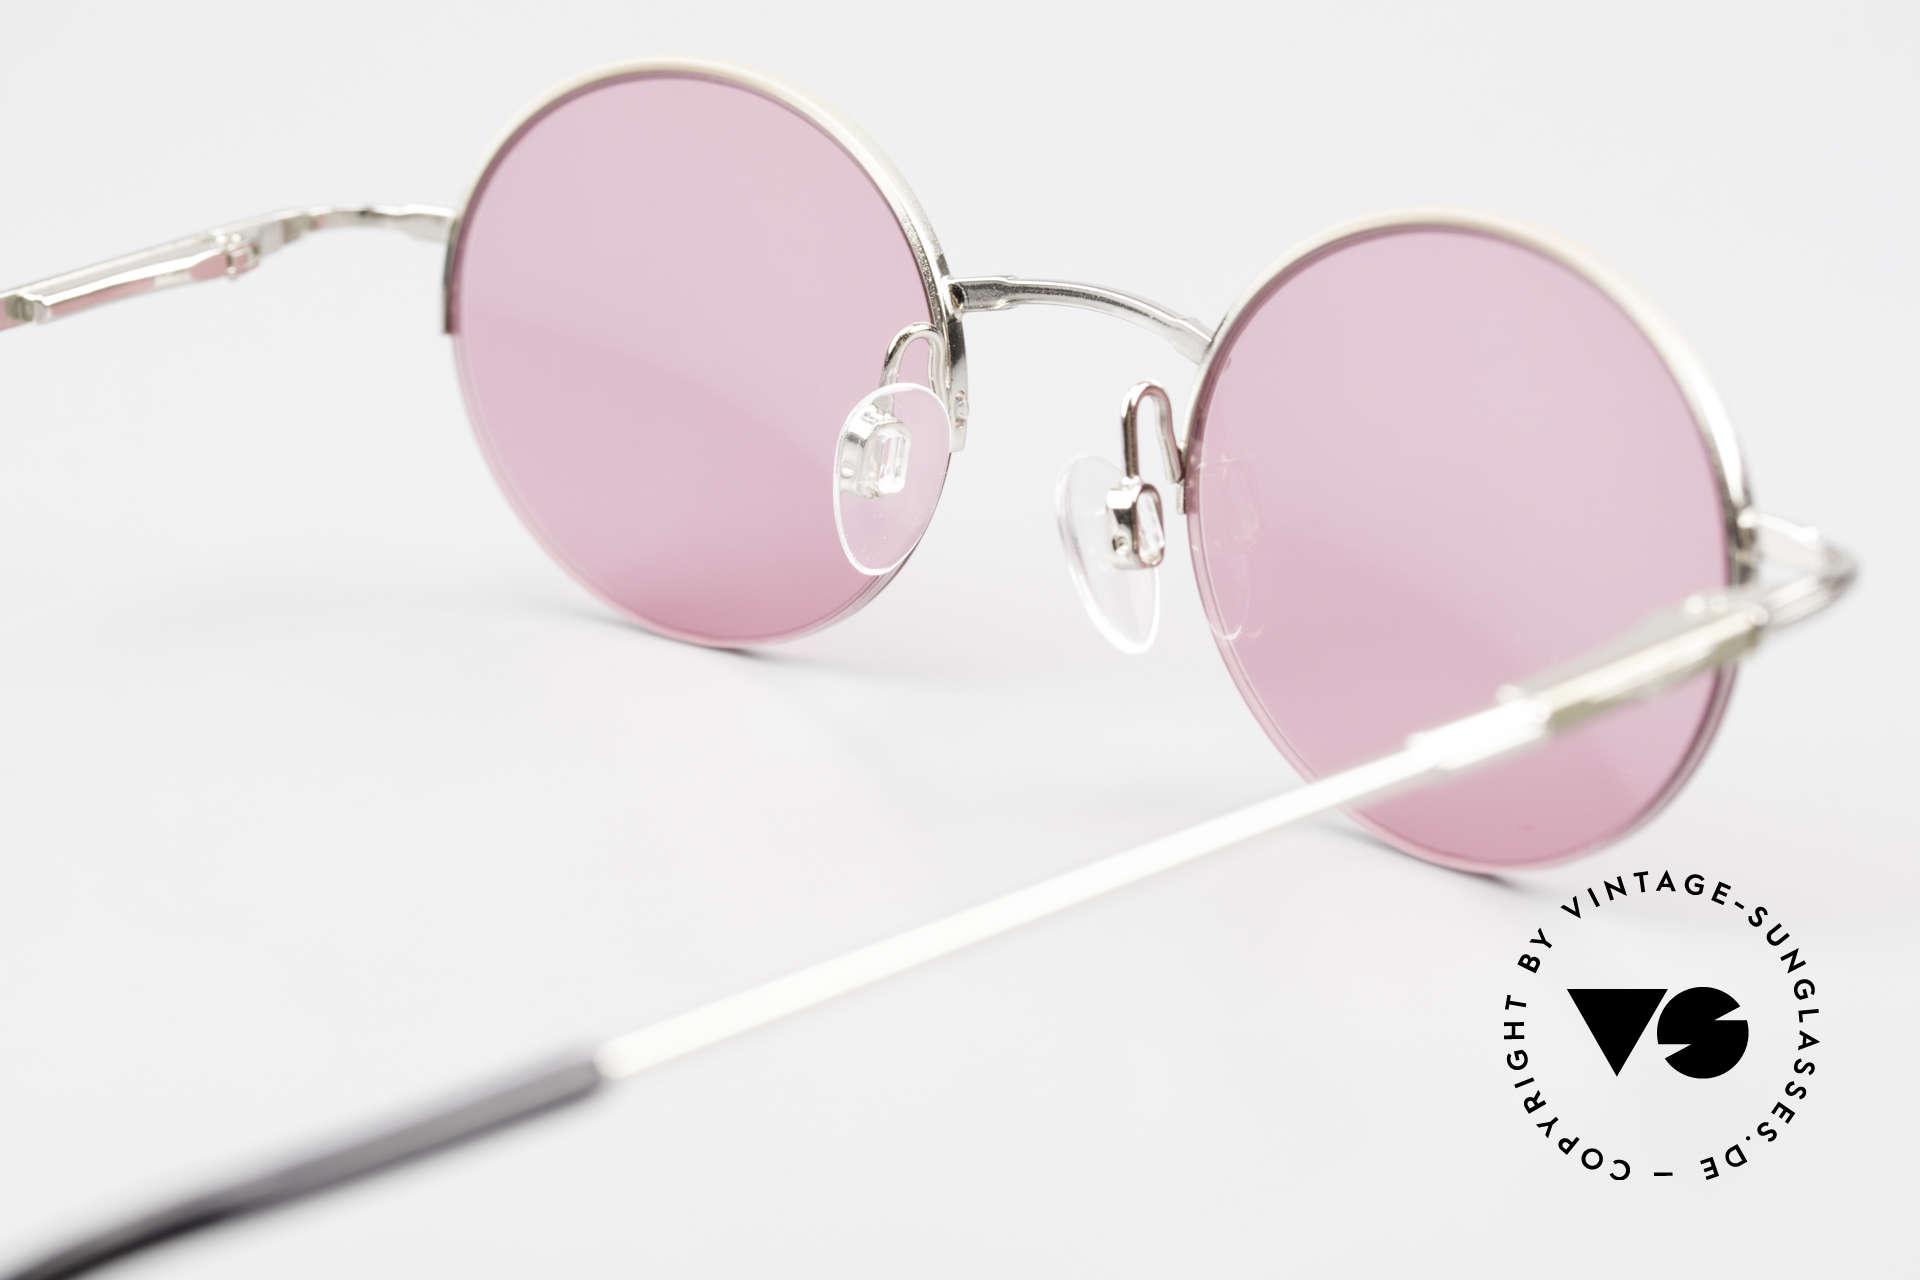 Longines 4363 Pinke Sonnenbrille 90er Oval, Größe: medium, Passend für Herren und Damen